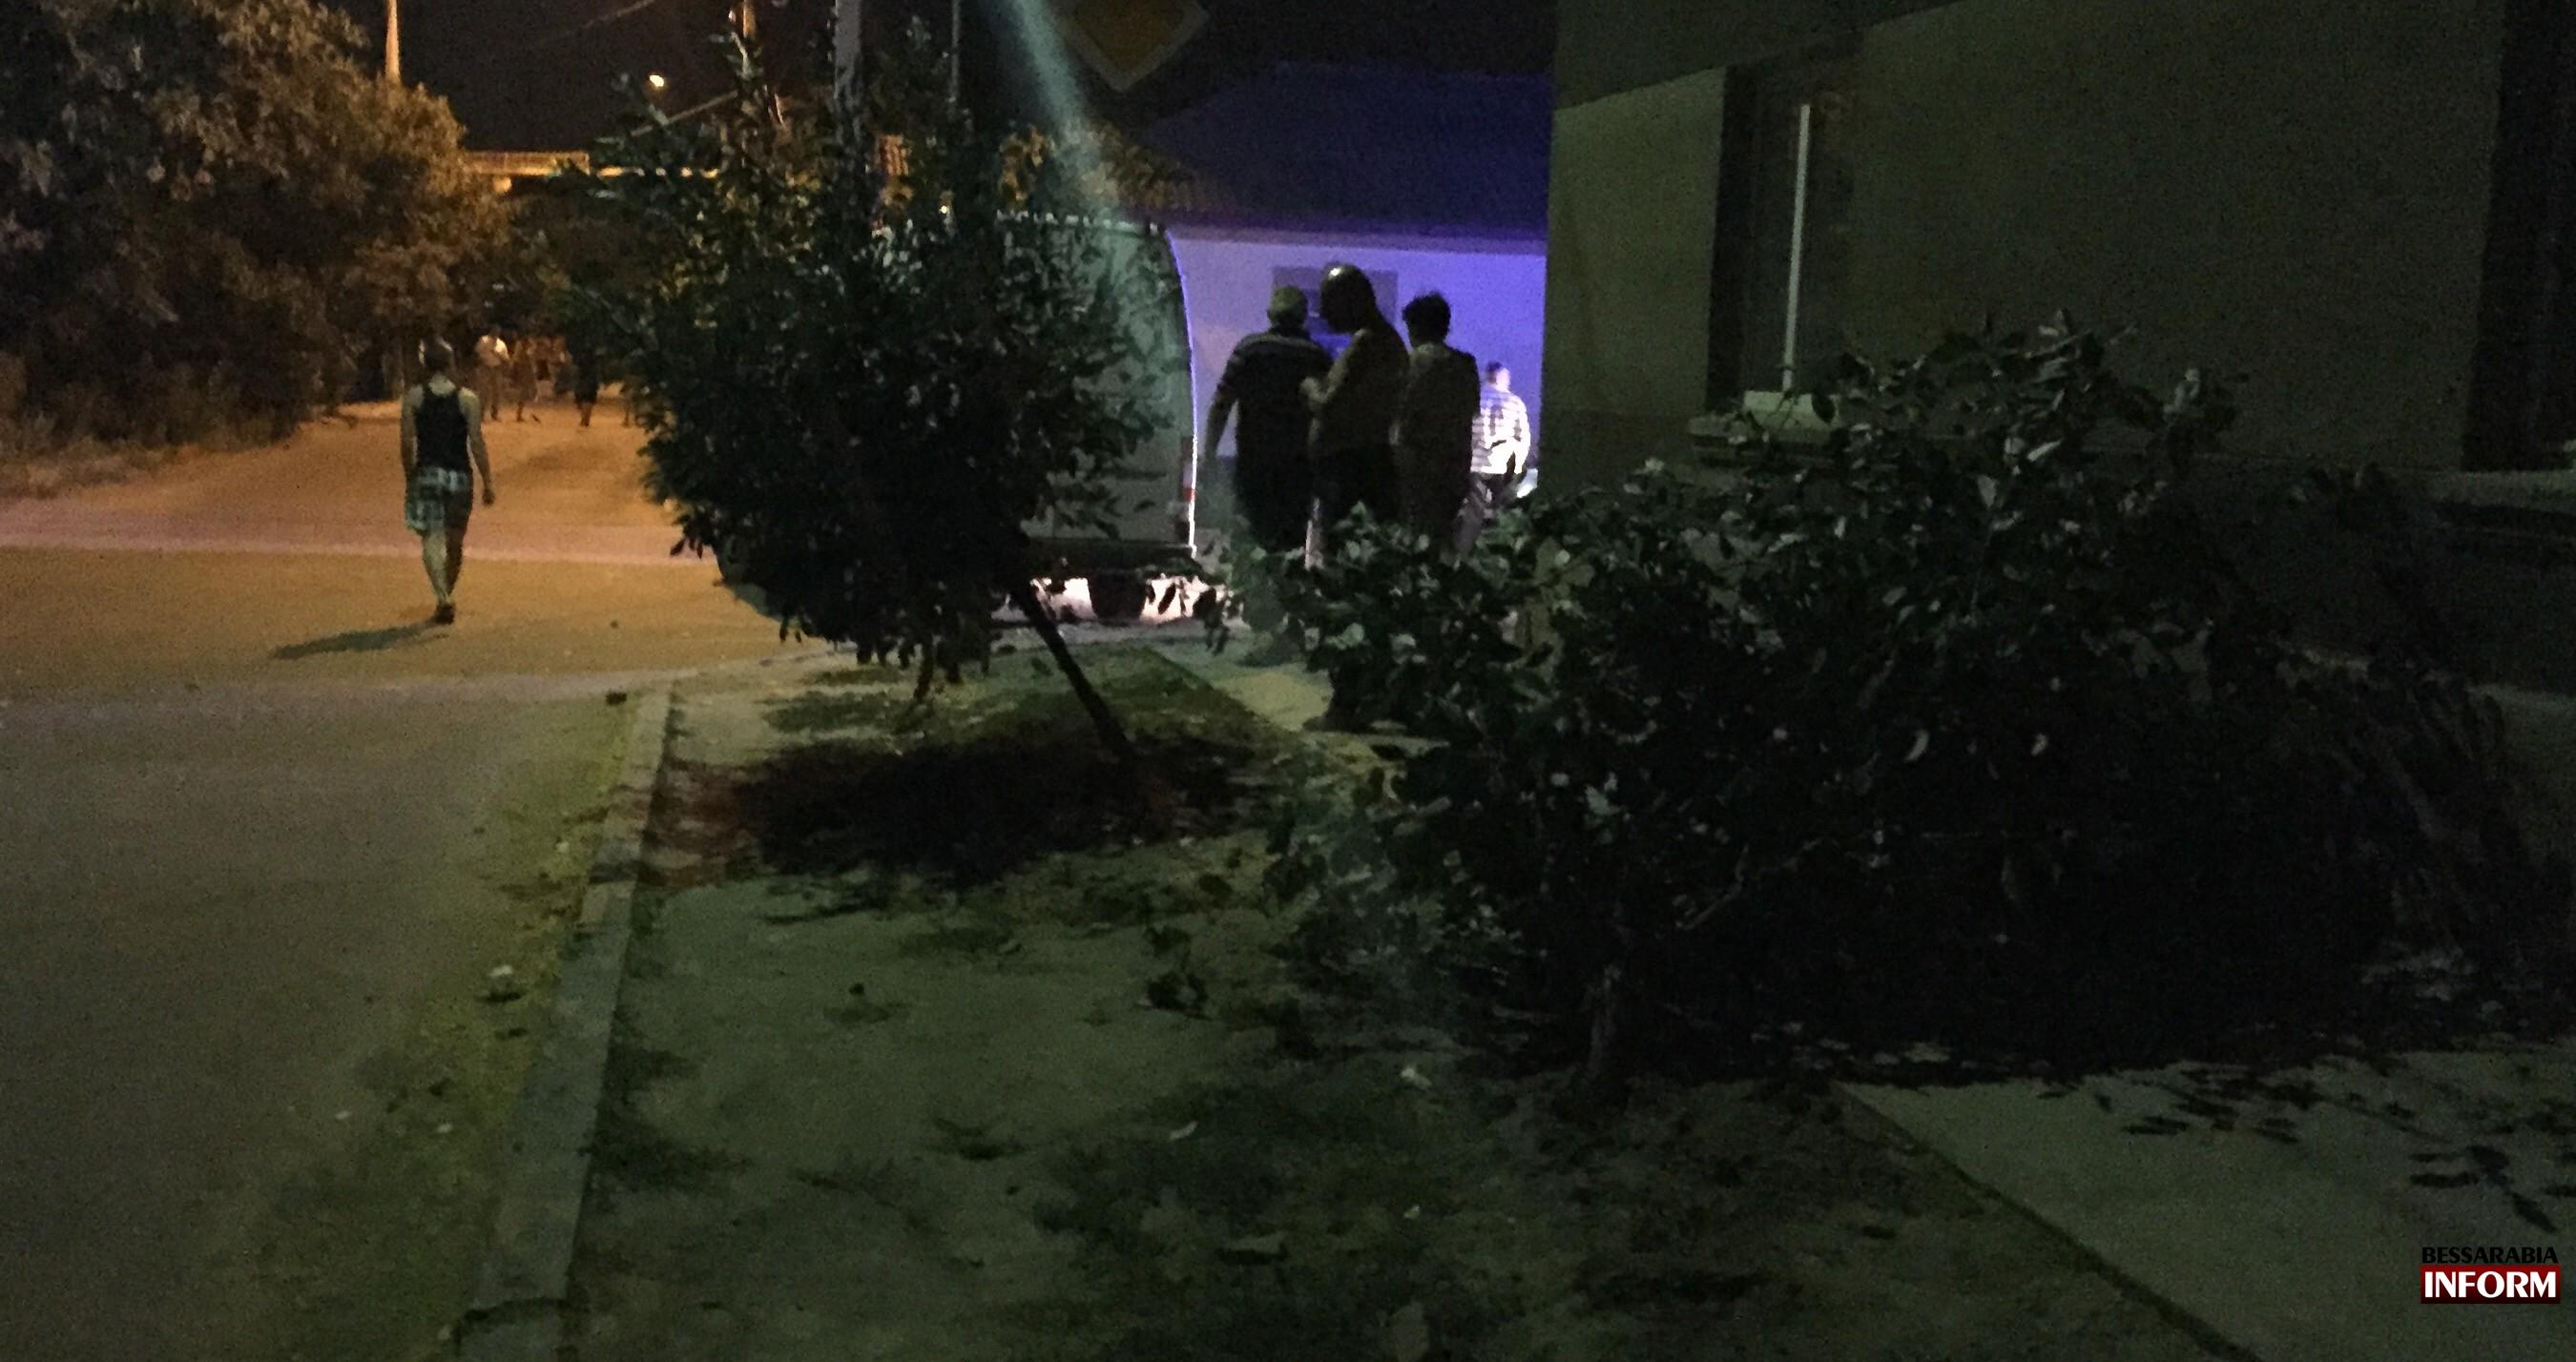 IMG_2364-e1438375004497 Вечернее ДТП в Измаиле - нетрезвый водитель протаранил дом (фото, видео)